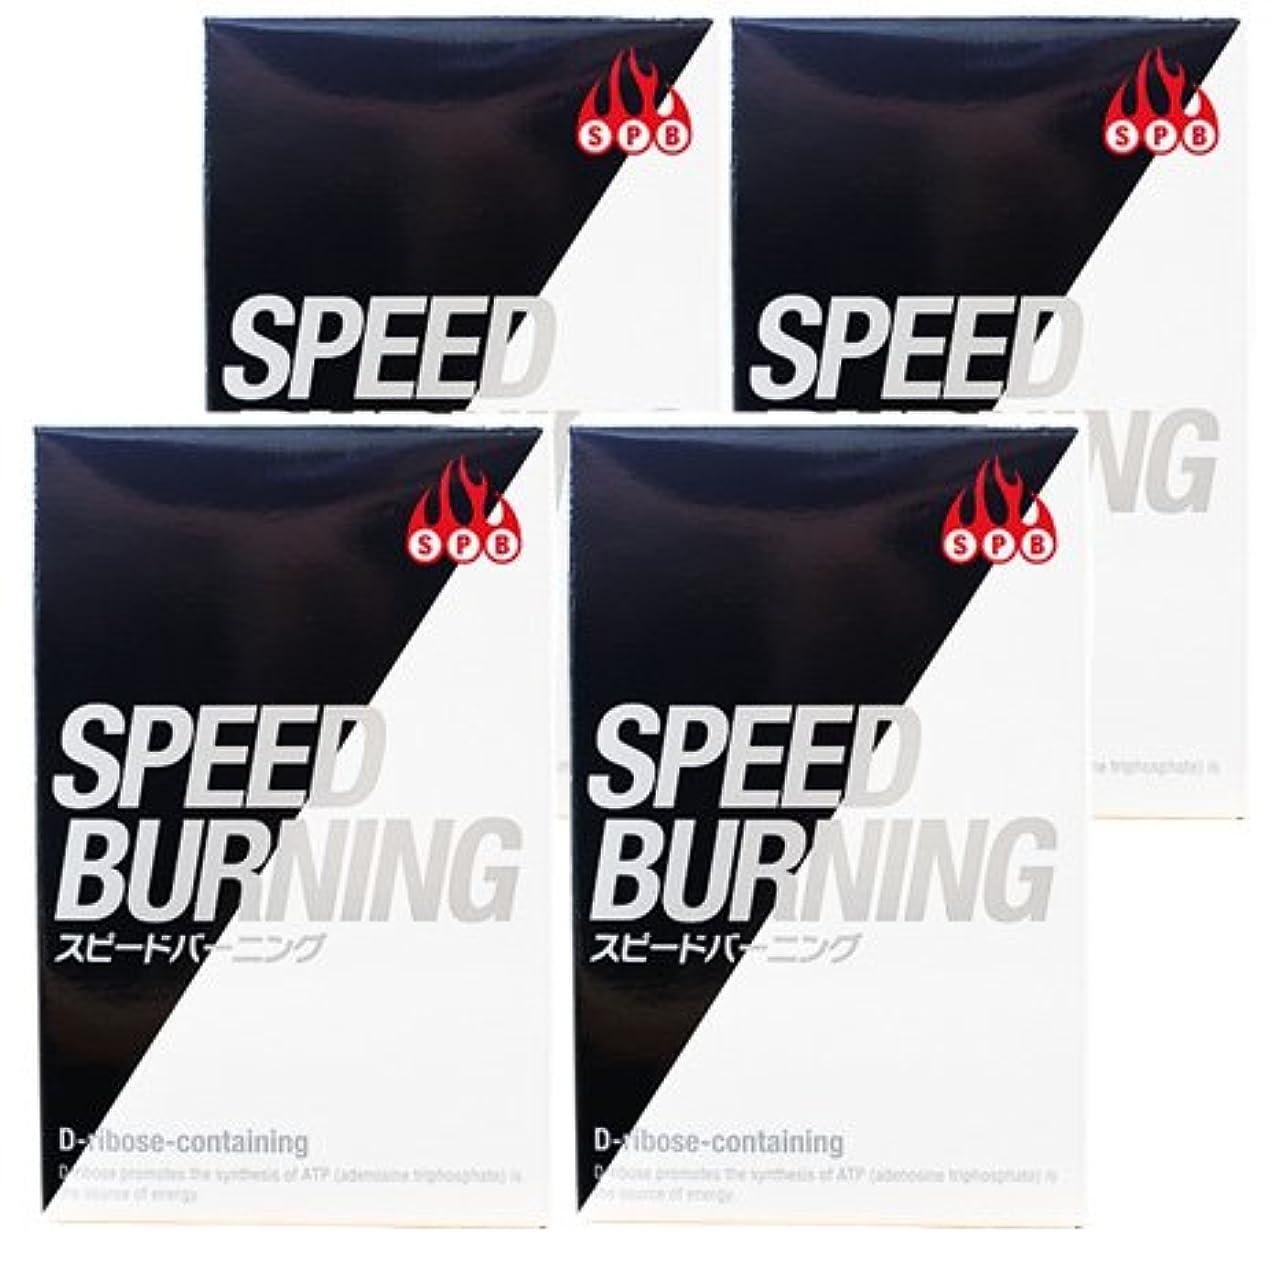 項目貝殻恥ずかしさスピードバーニング SPEED BURNING×4個